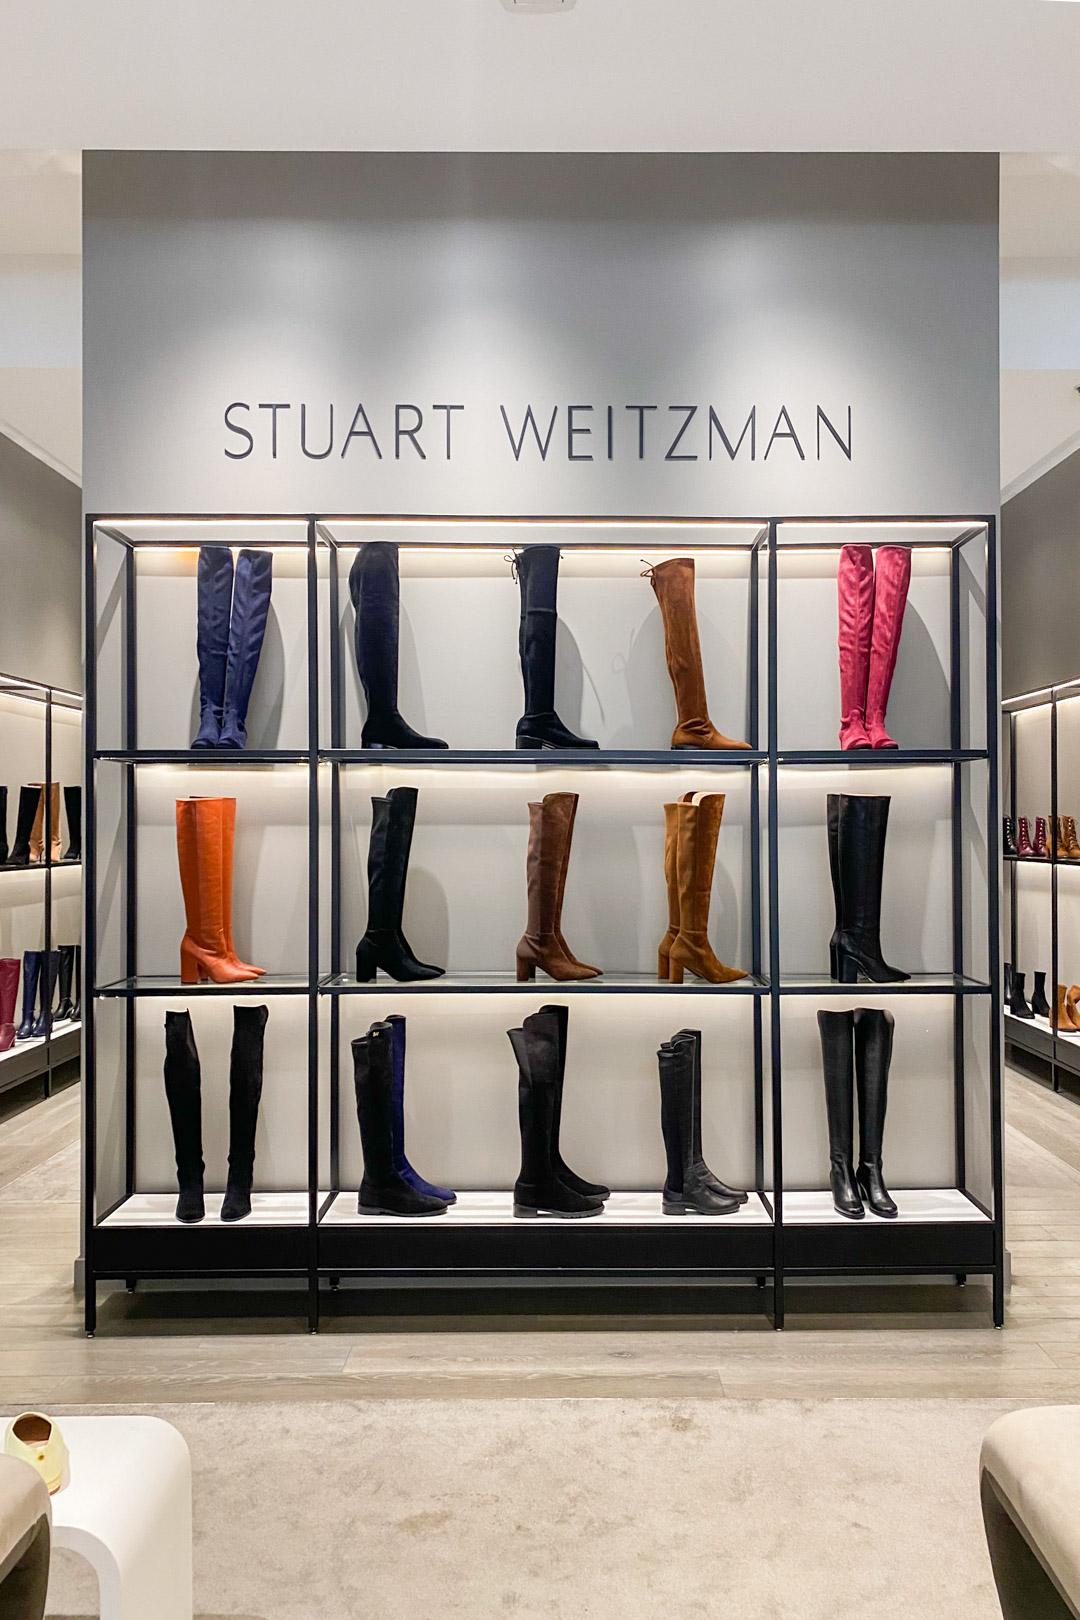 Stuart Weitzman Outlet